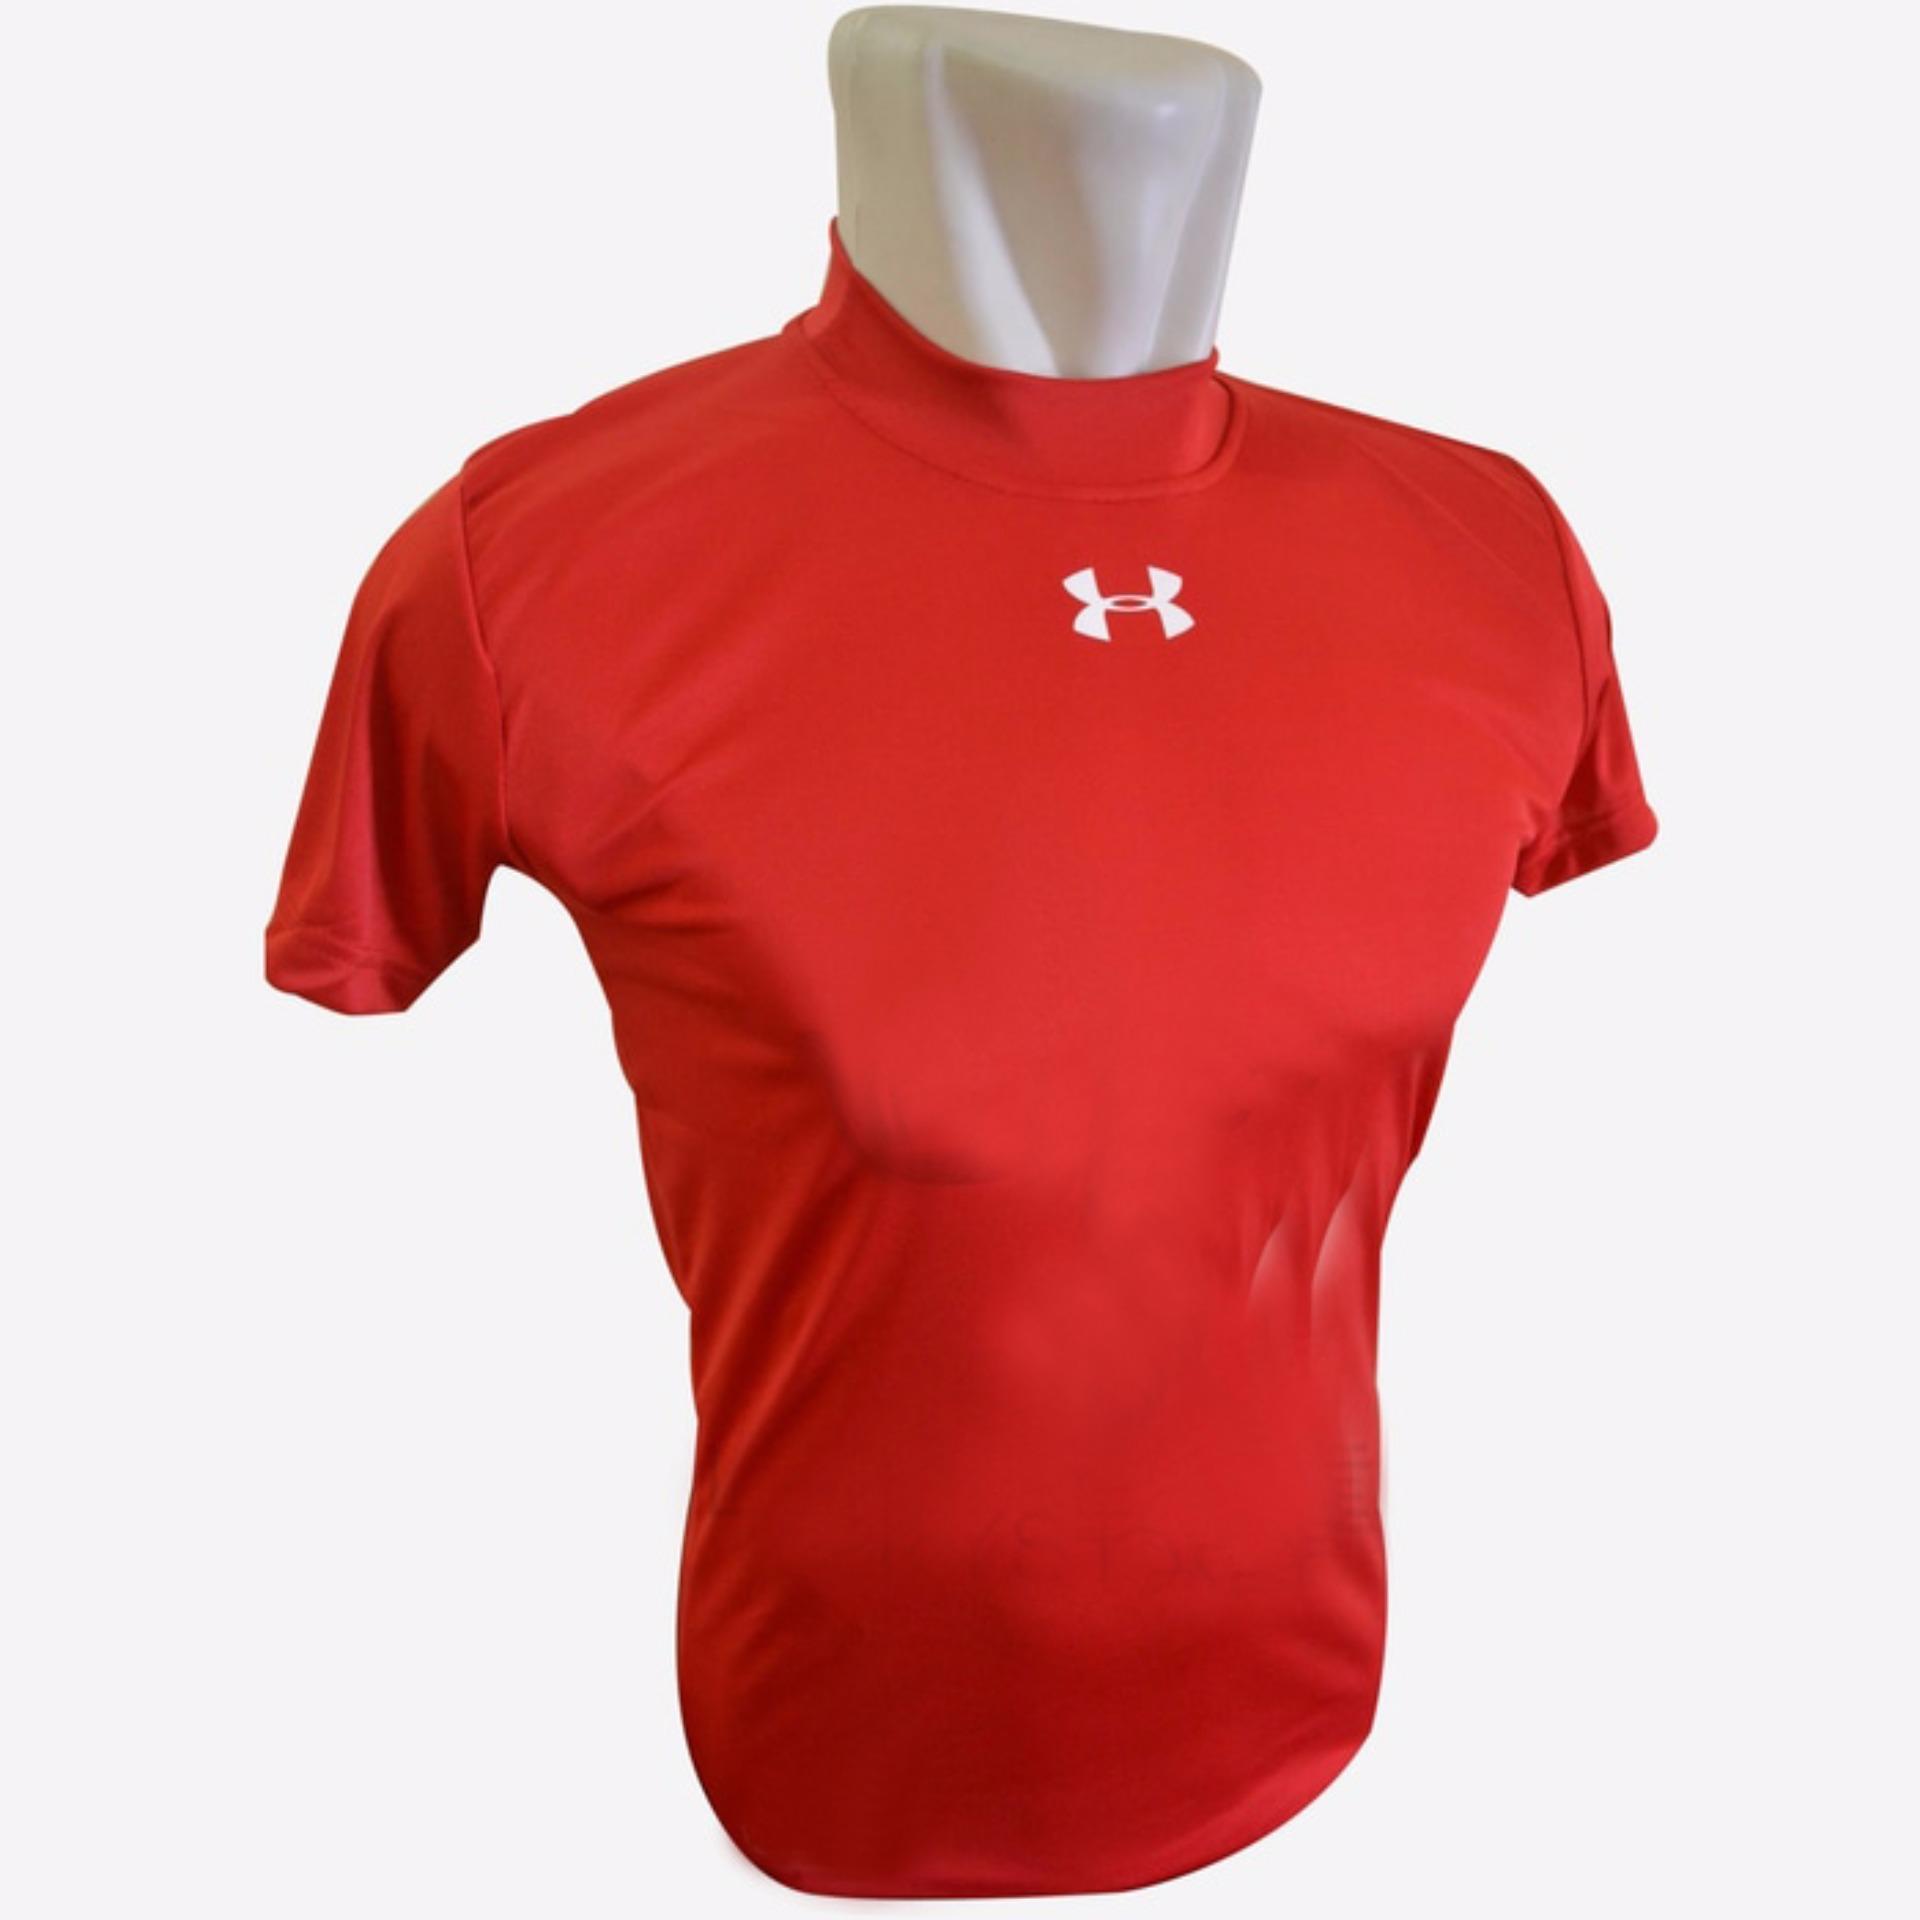 Pencarian Termurah Baselayer Lengan Pendek Baju Fitness Under armour Merah  Kudastore harga penawaran - Hanya Rp73 1019db8837